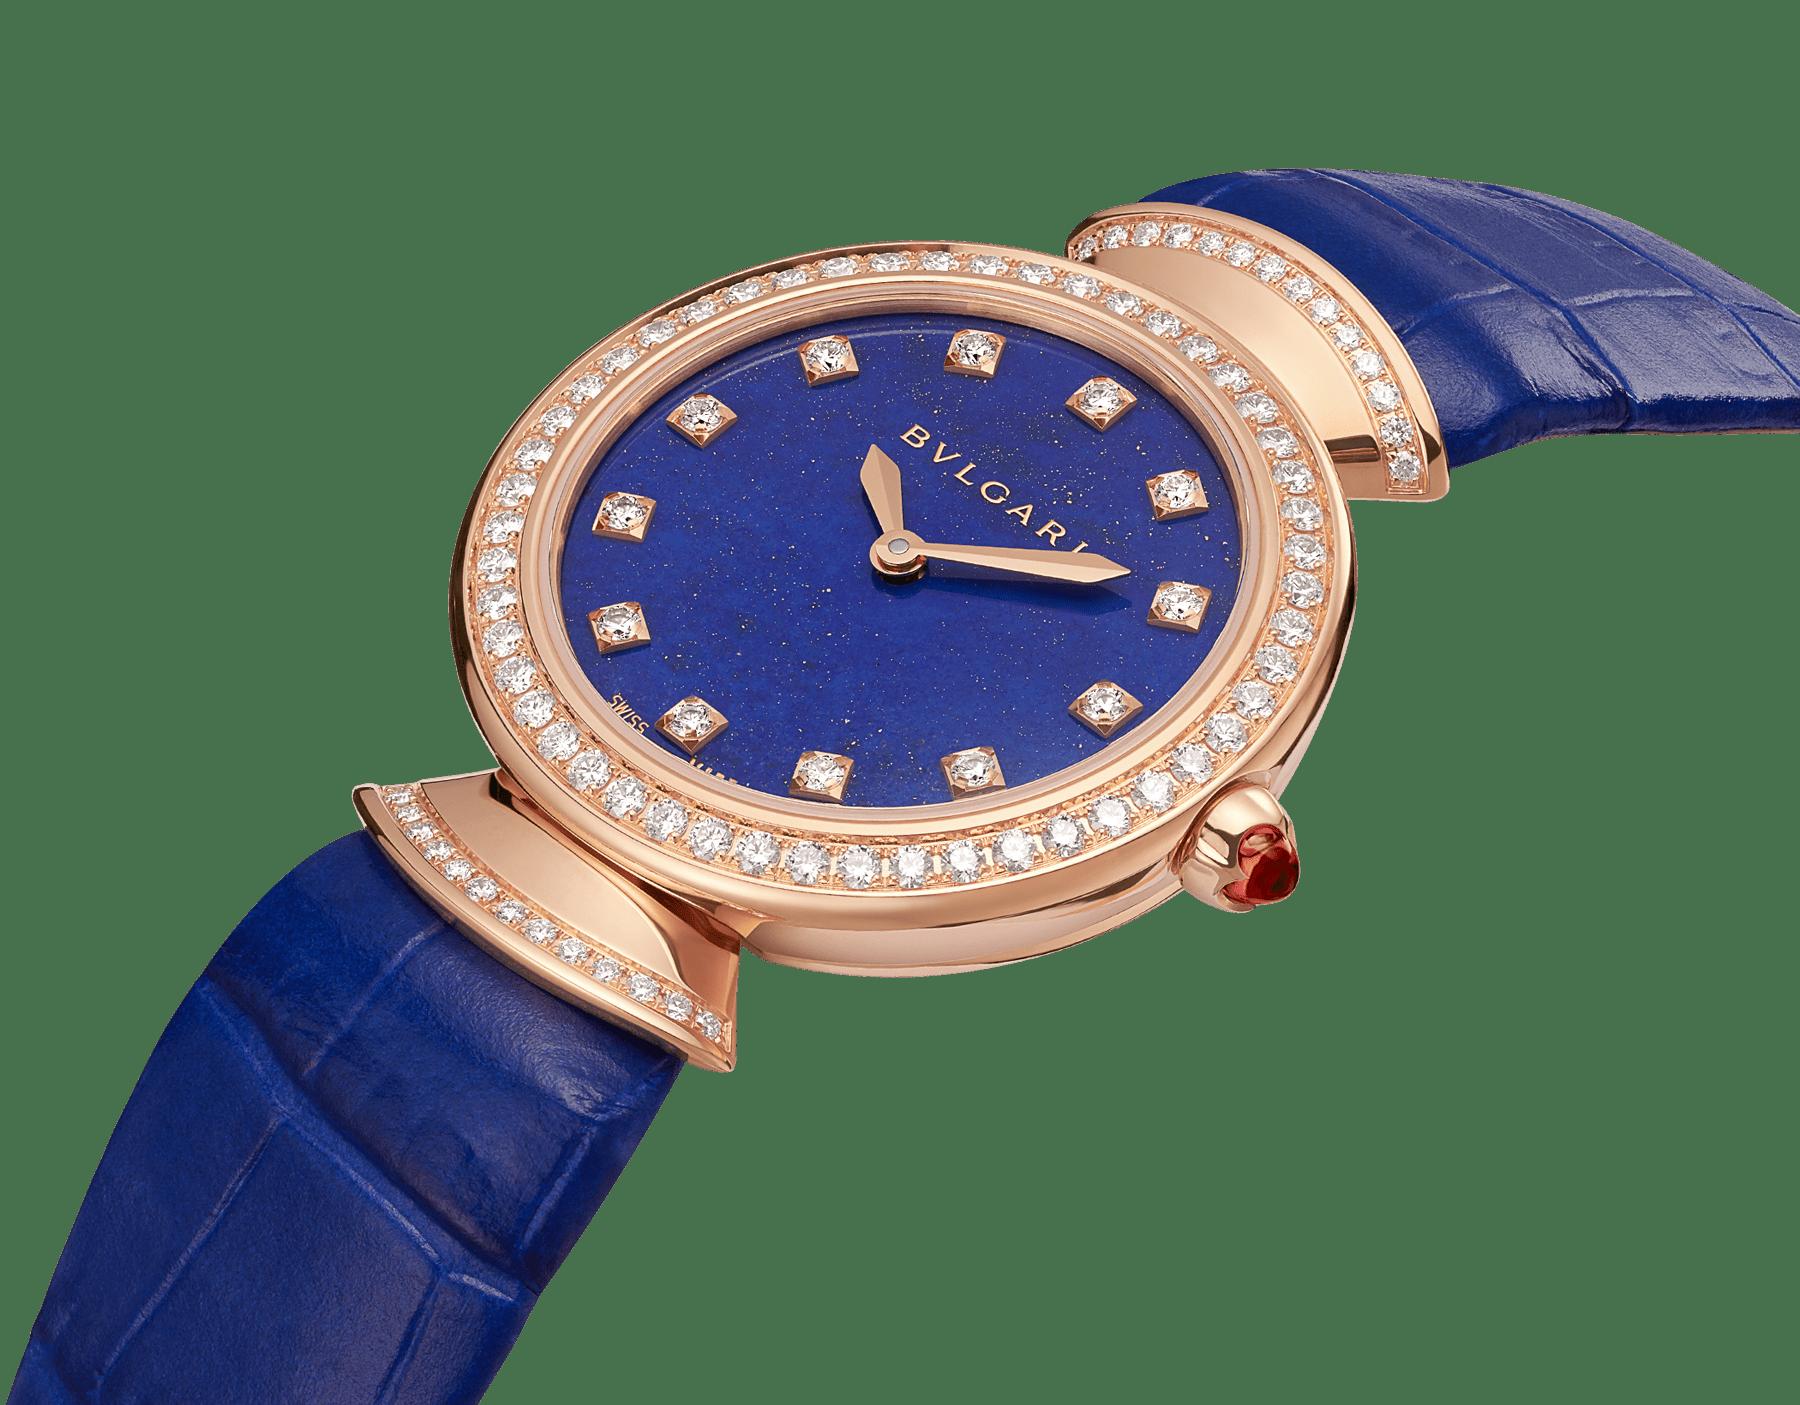 Часы DIVAS' DREAM, корпус из розового золота 18 карат, безель и крепления в форме веера из розового золота 18 карат с бриллиантами круглой огранки, циферблат из лазурита, бриллиантовые метки, ремешок из кожи аллигатора синего цвета. 103261 image 3